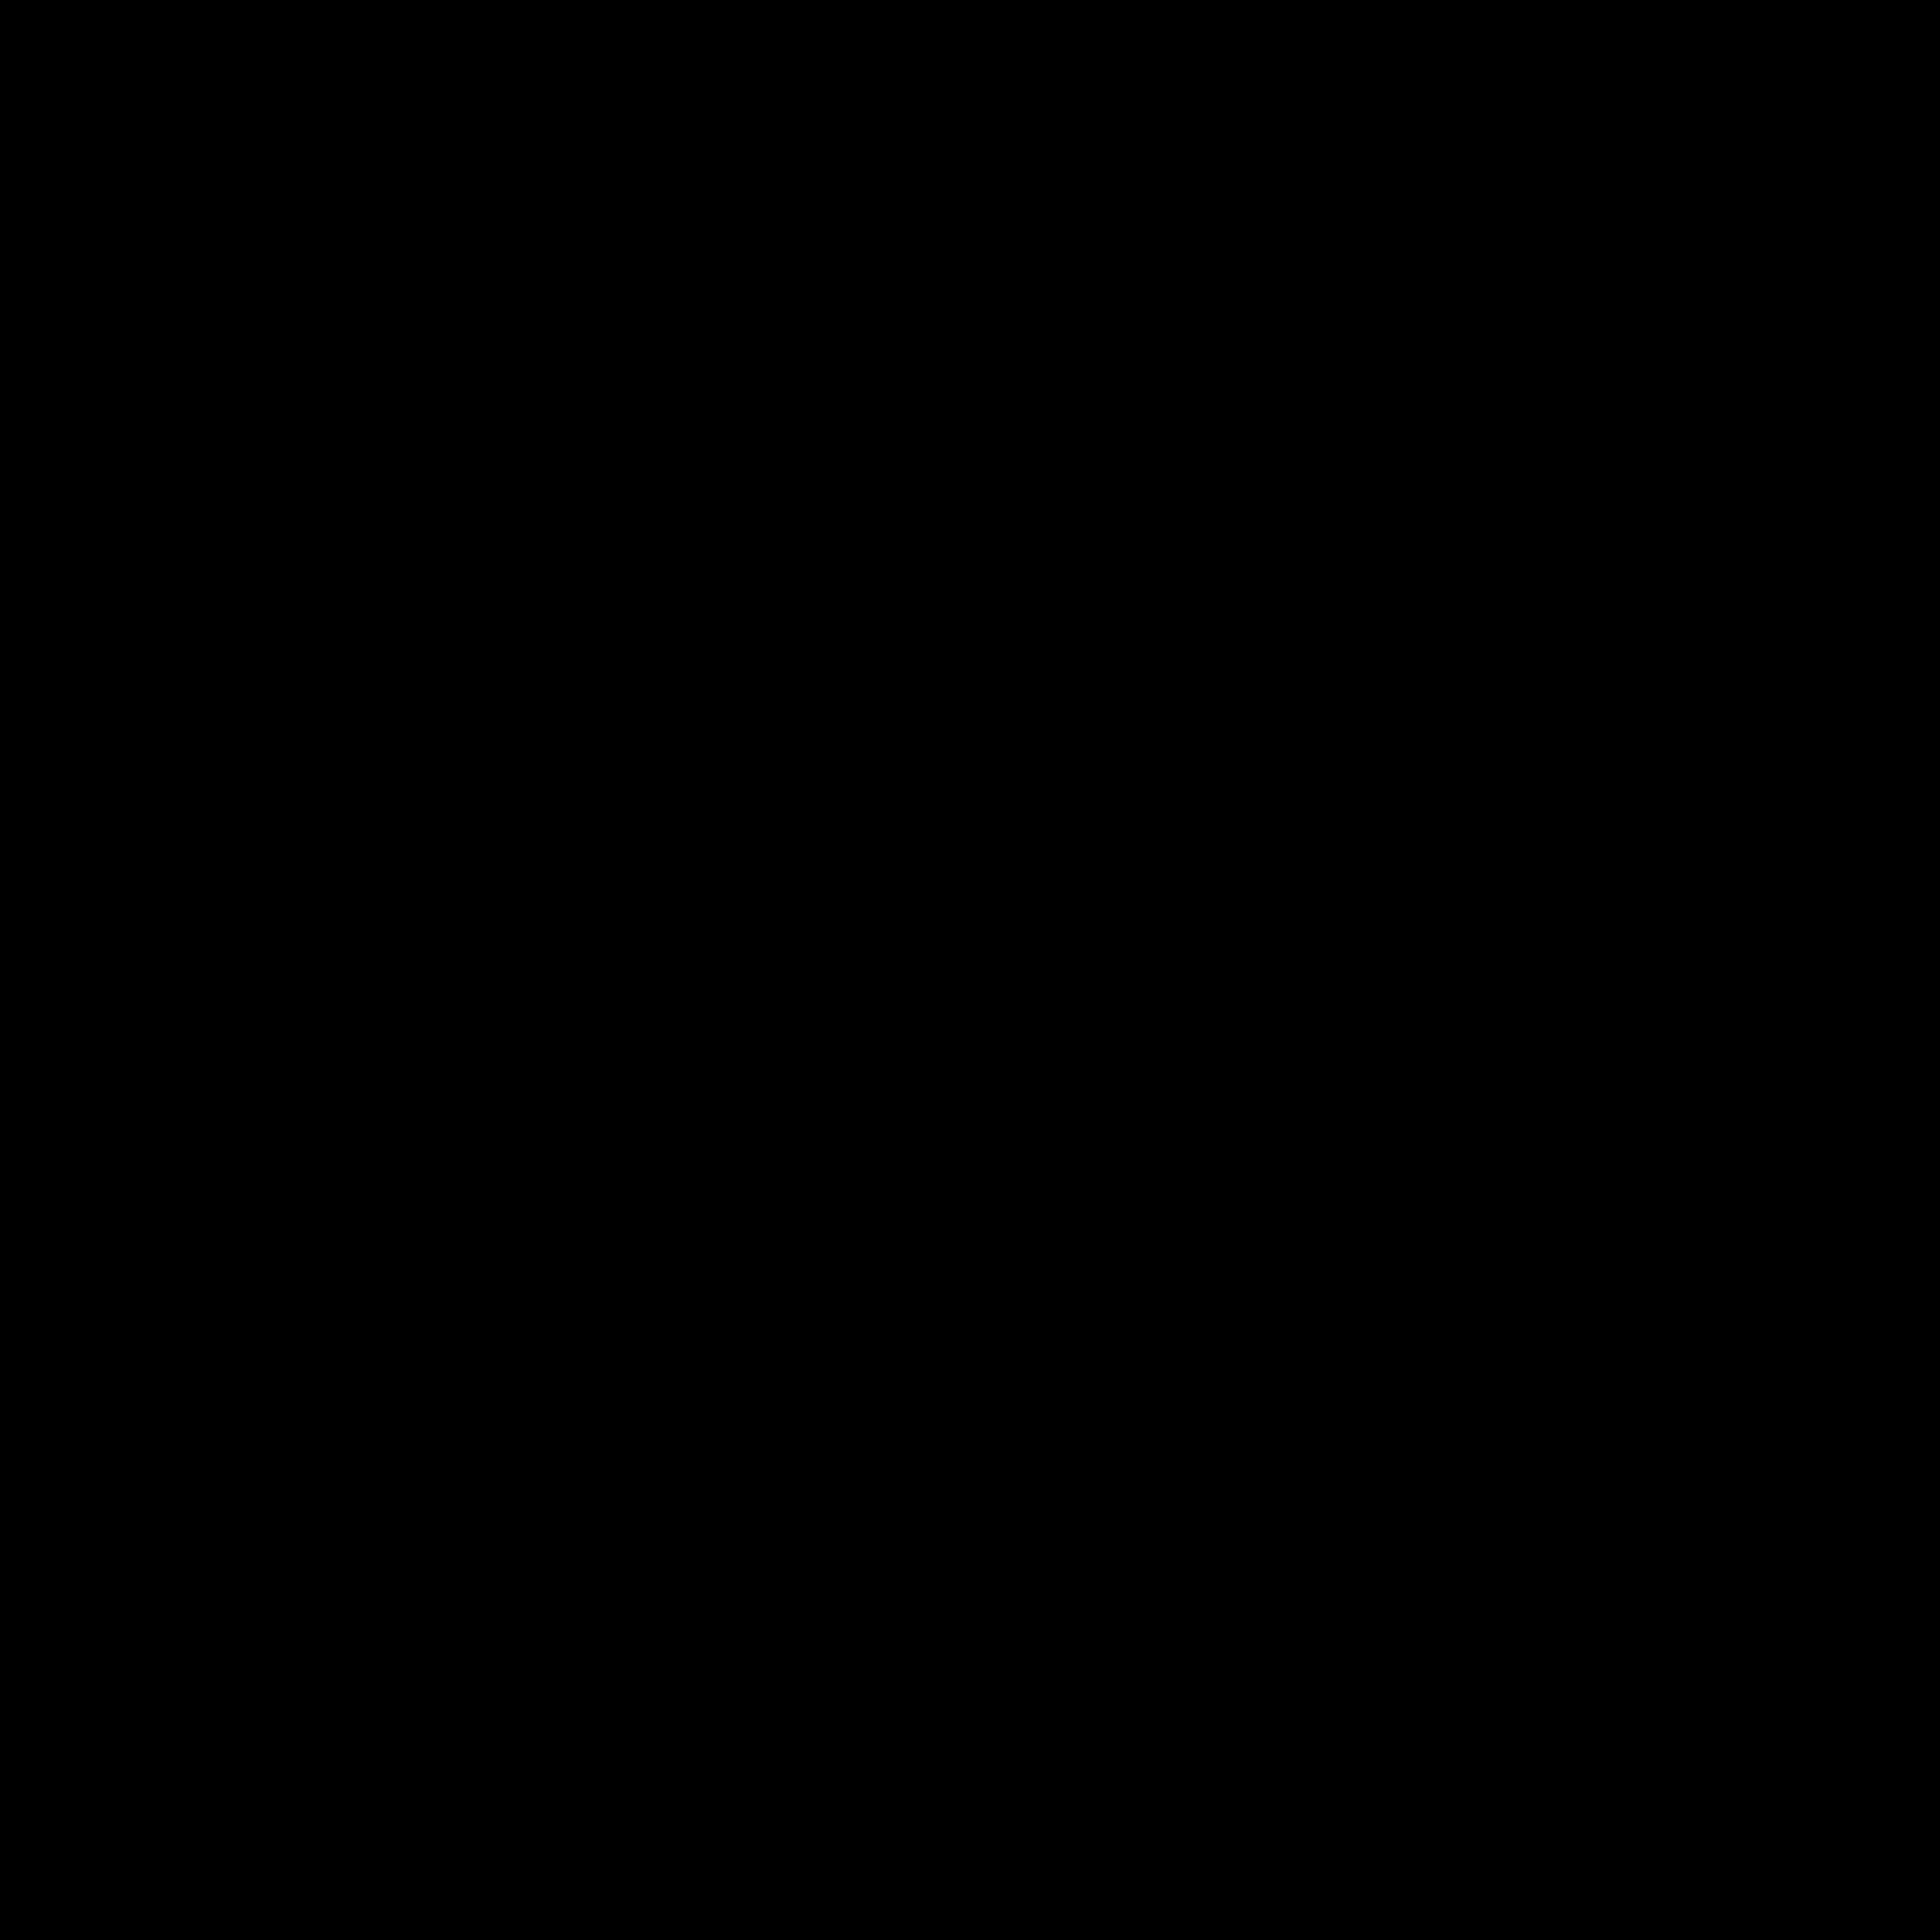 Mobile Menu Button Icon